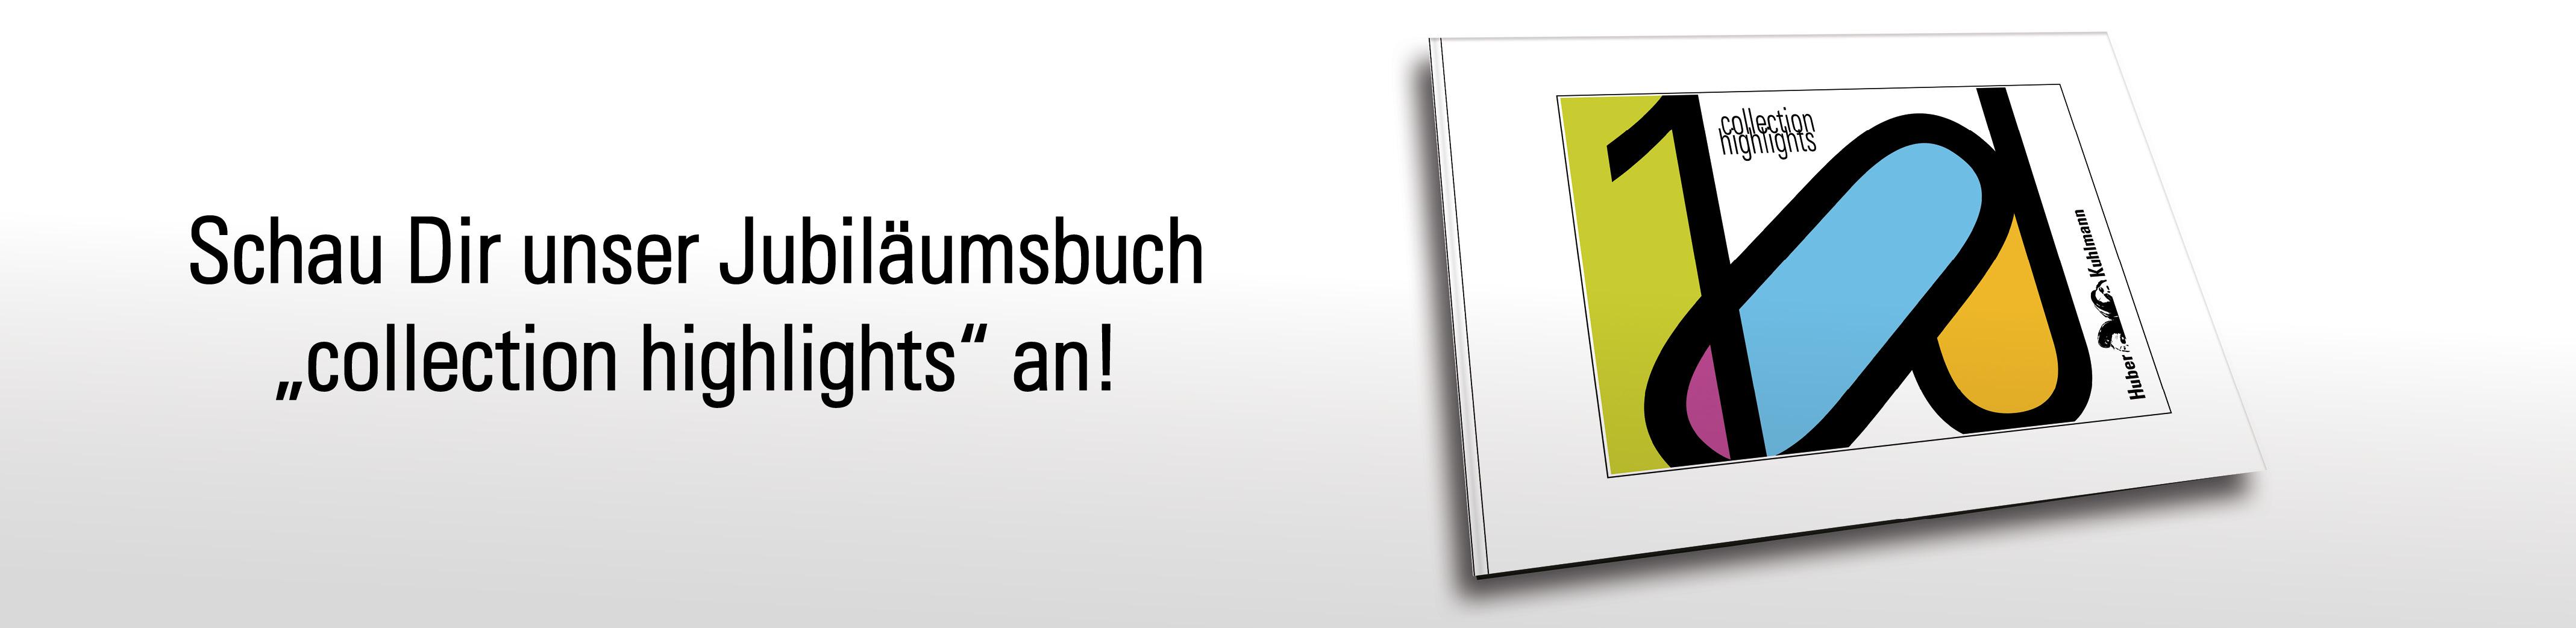 HuberKuhlmann_Schau_Dir_unser_Jubilaeumsbuch_2_